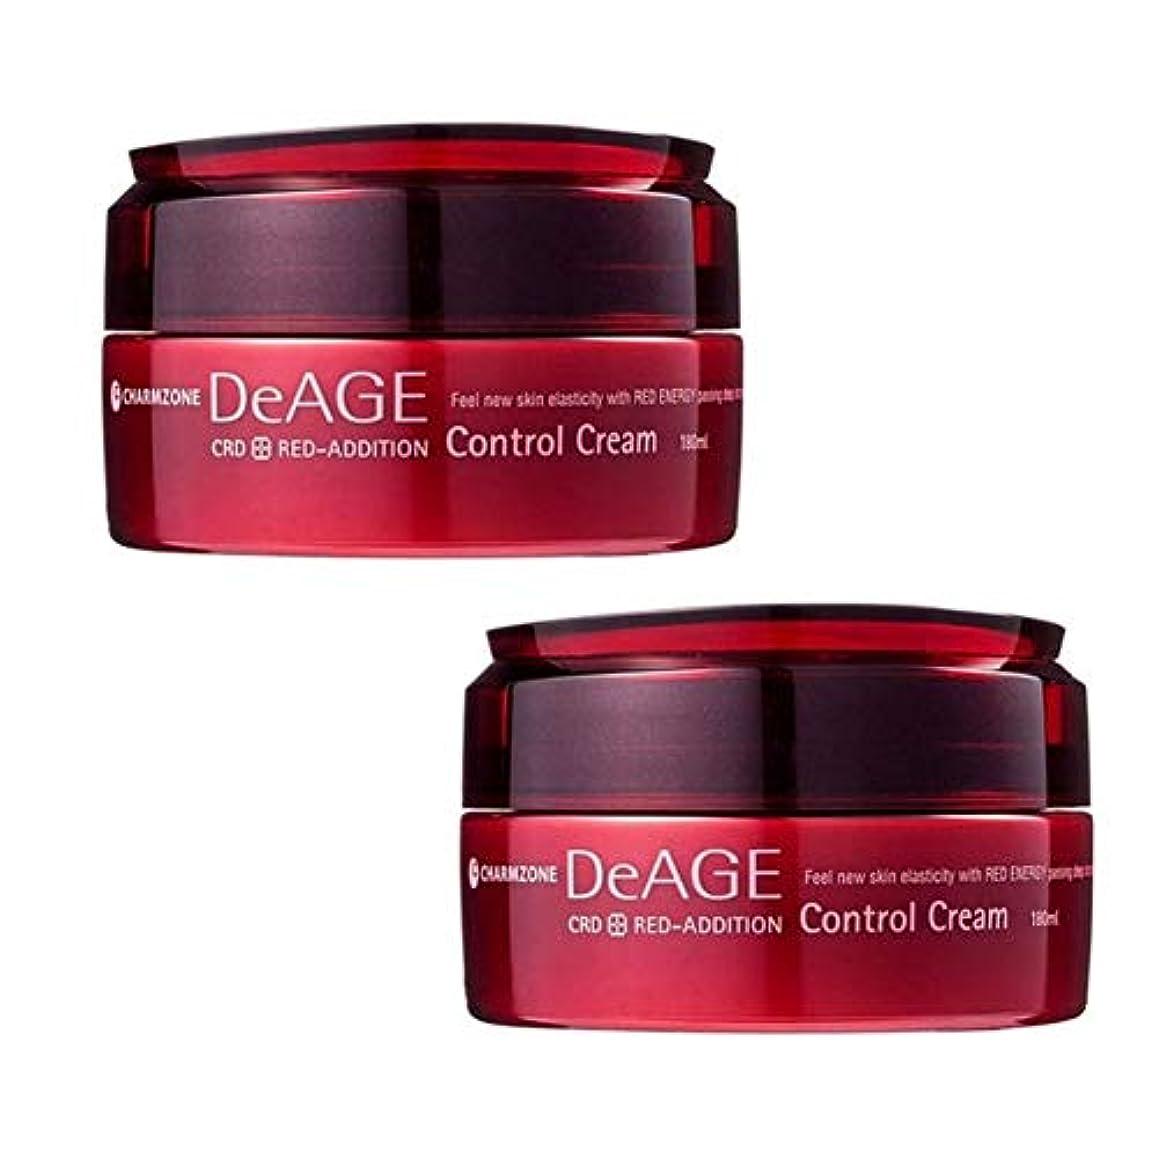 量で含意バケットチャムジョンディエイジレッドエディションコントロールクリーム180ml x 2本セットマッサージクリーム、Charmzone DeAGE Red-Addition Control Cream 180ml x 2ea Set...